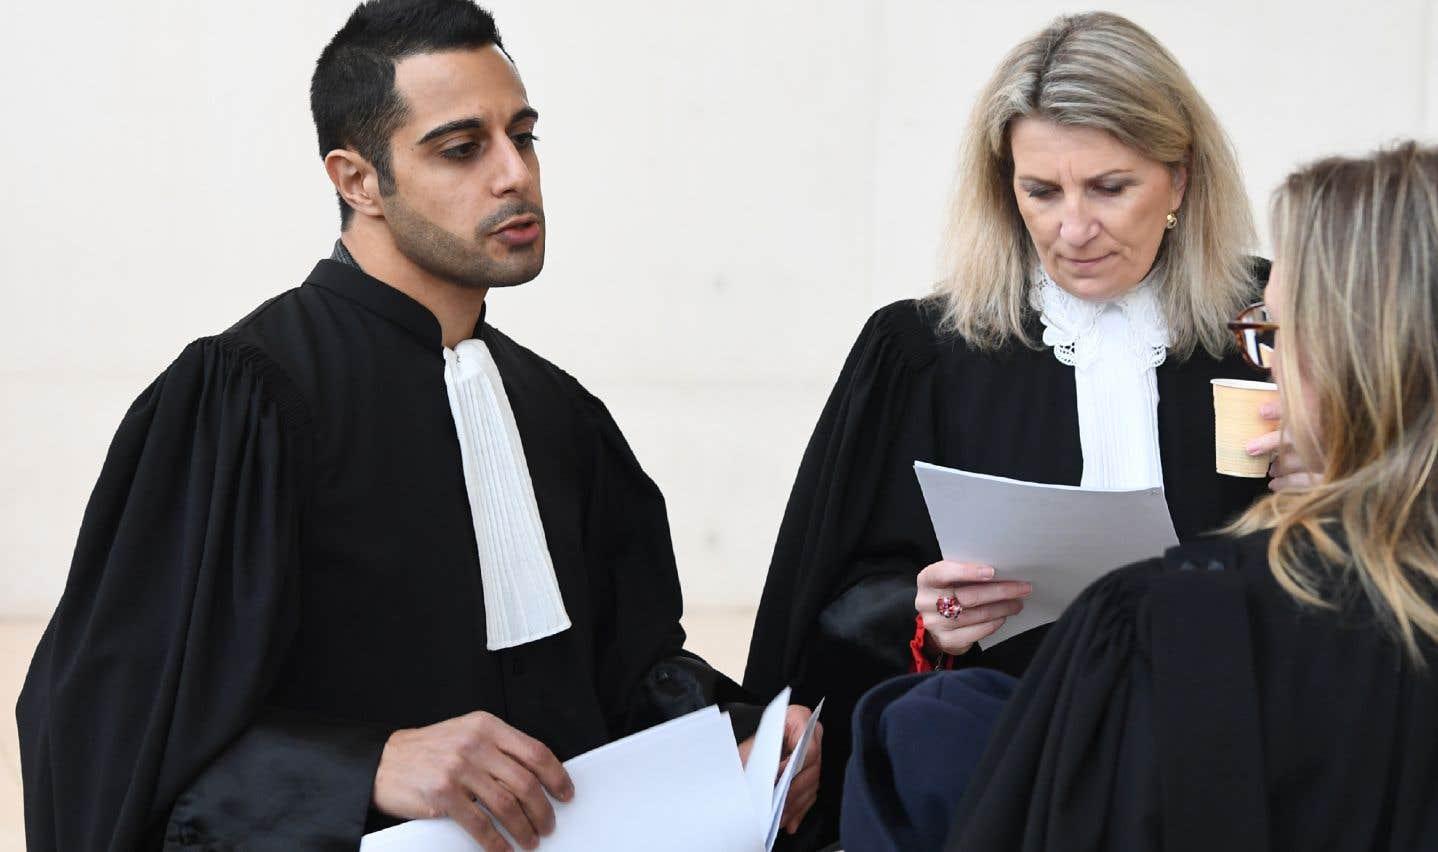 L'avocat de la défense, Me Goudarzian (à gauche), s'est dit déçu par la demande du tribunal de requalifier les faits en viol.